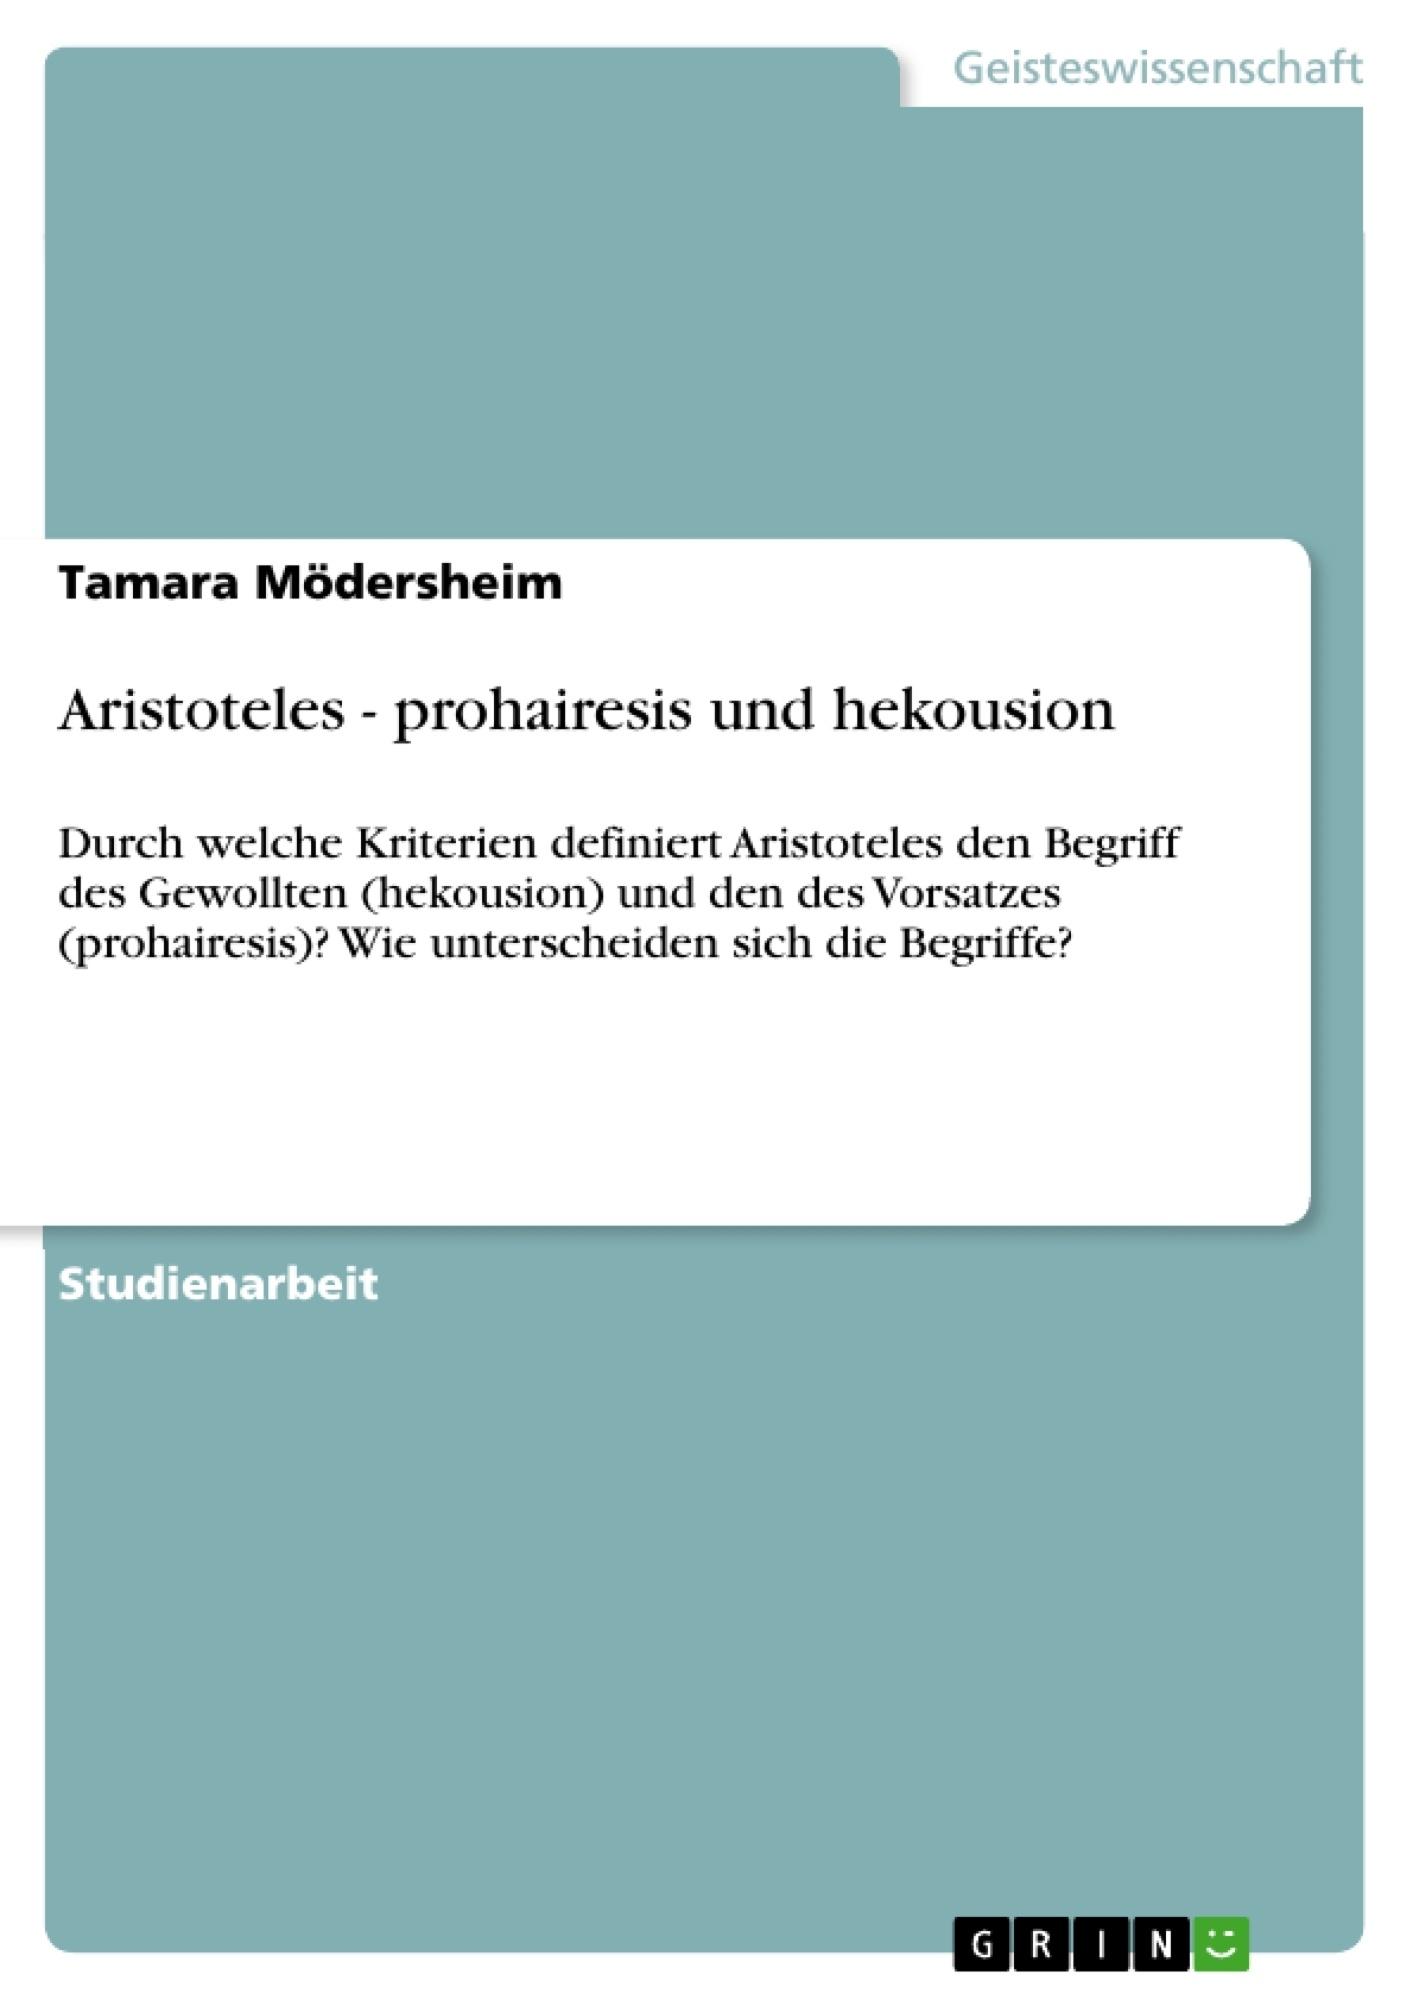 Titel: Aristoteles - prohairesis und hekousion